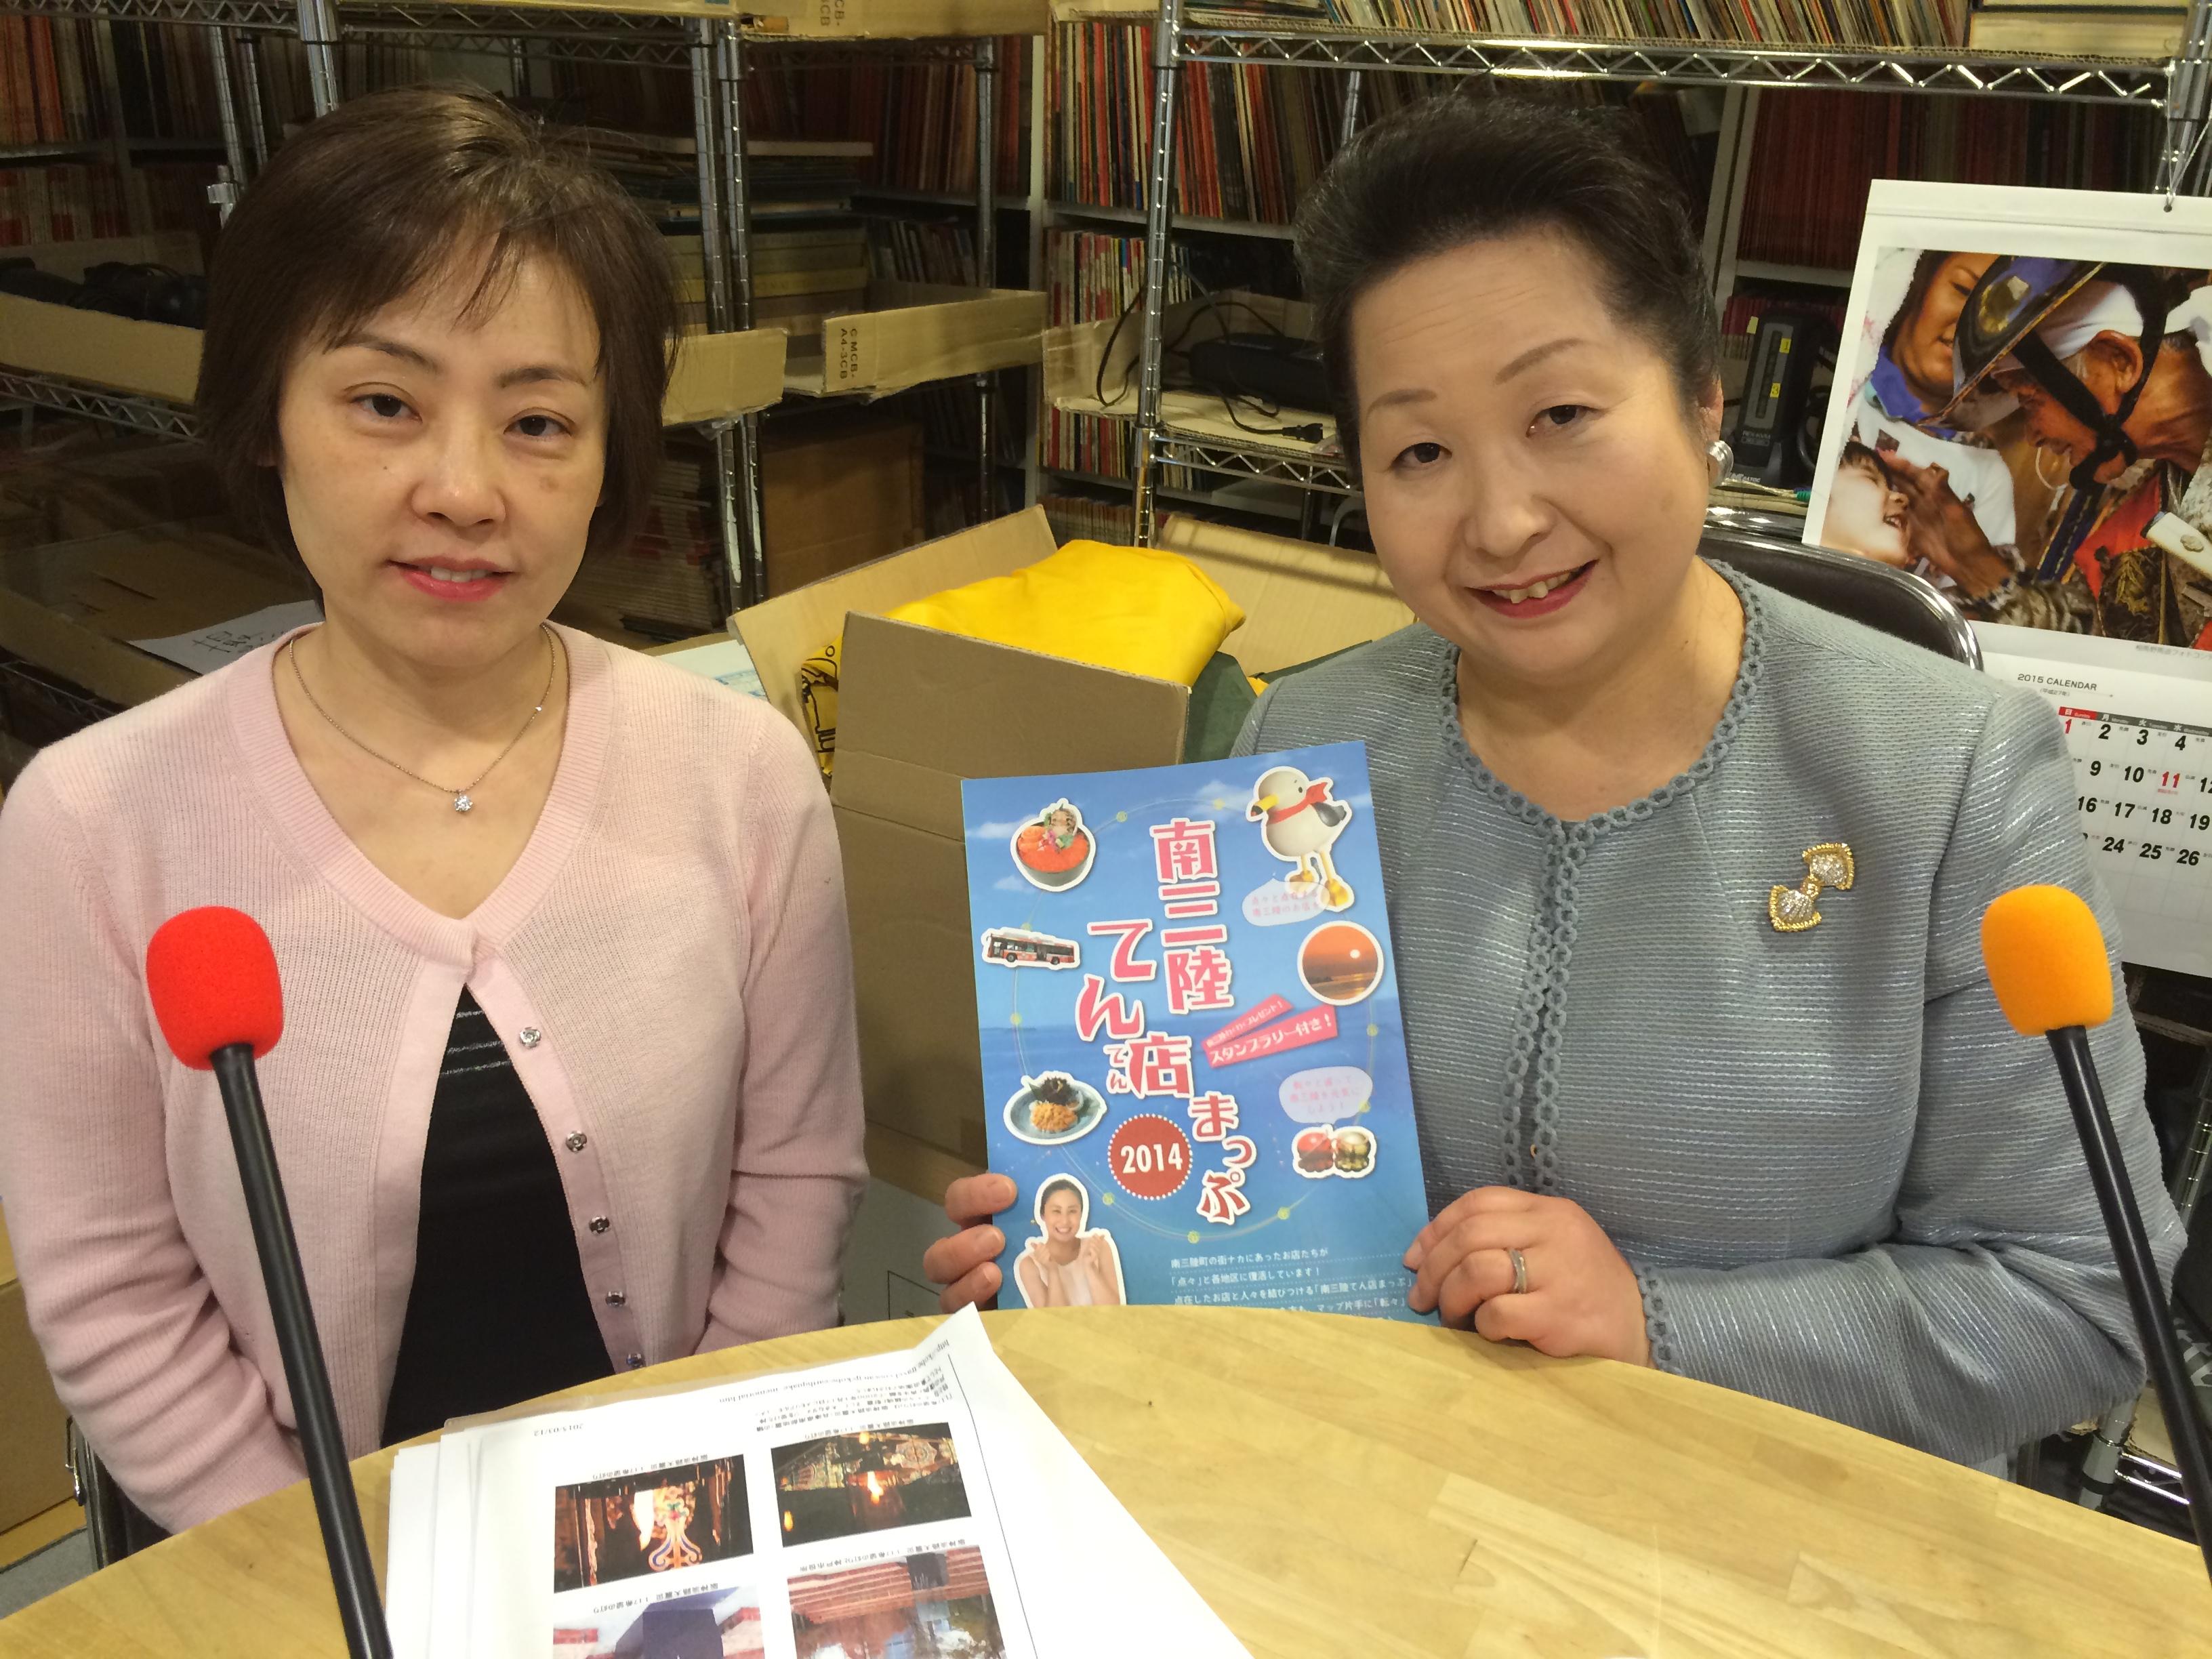 山地久美子さんとホテル観洋女将阿部憲子さん